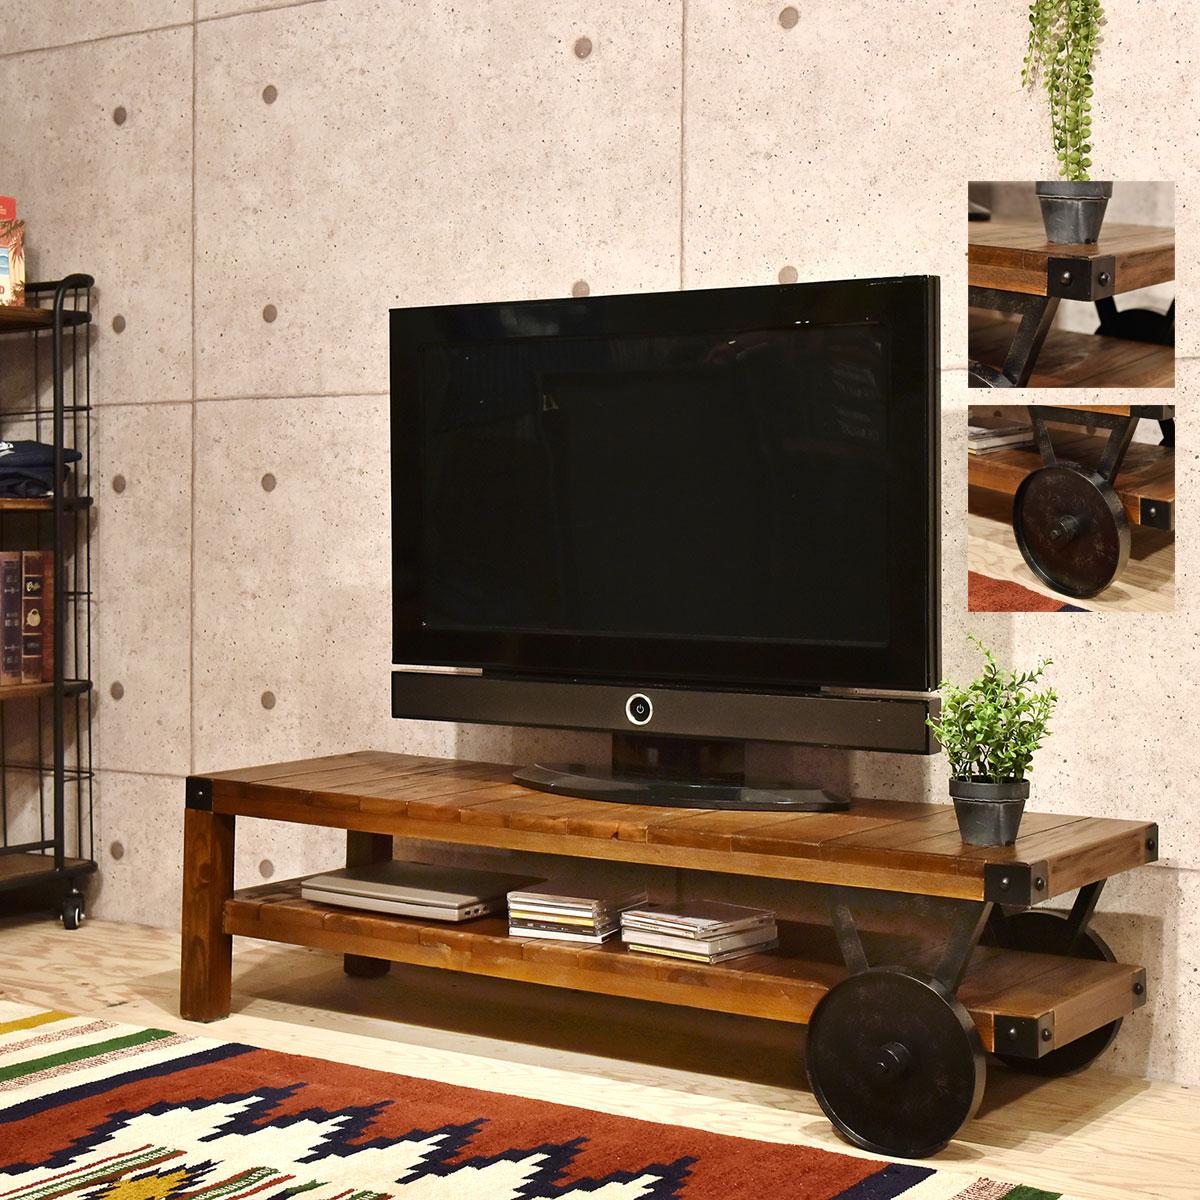 東谷 トローリー ローボード TV台 テレビ台 テレビボード TVボード 幅120×奥行50×高さ33cm  TTF-118